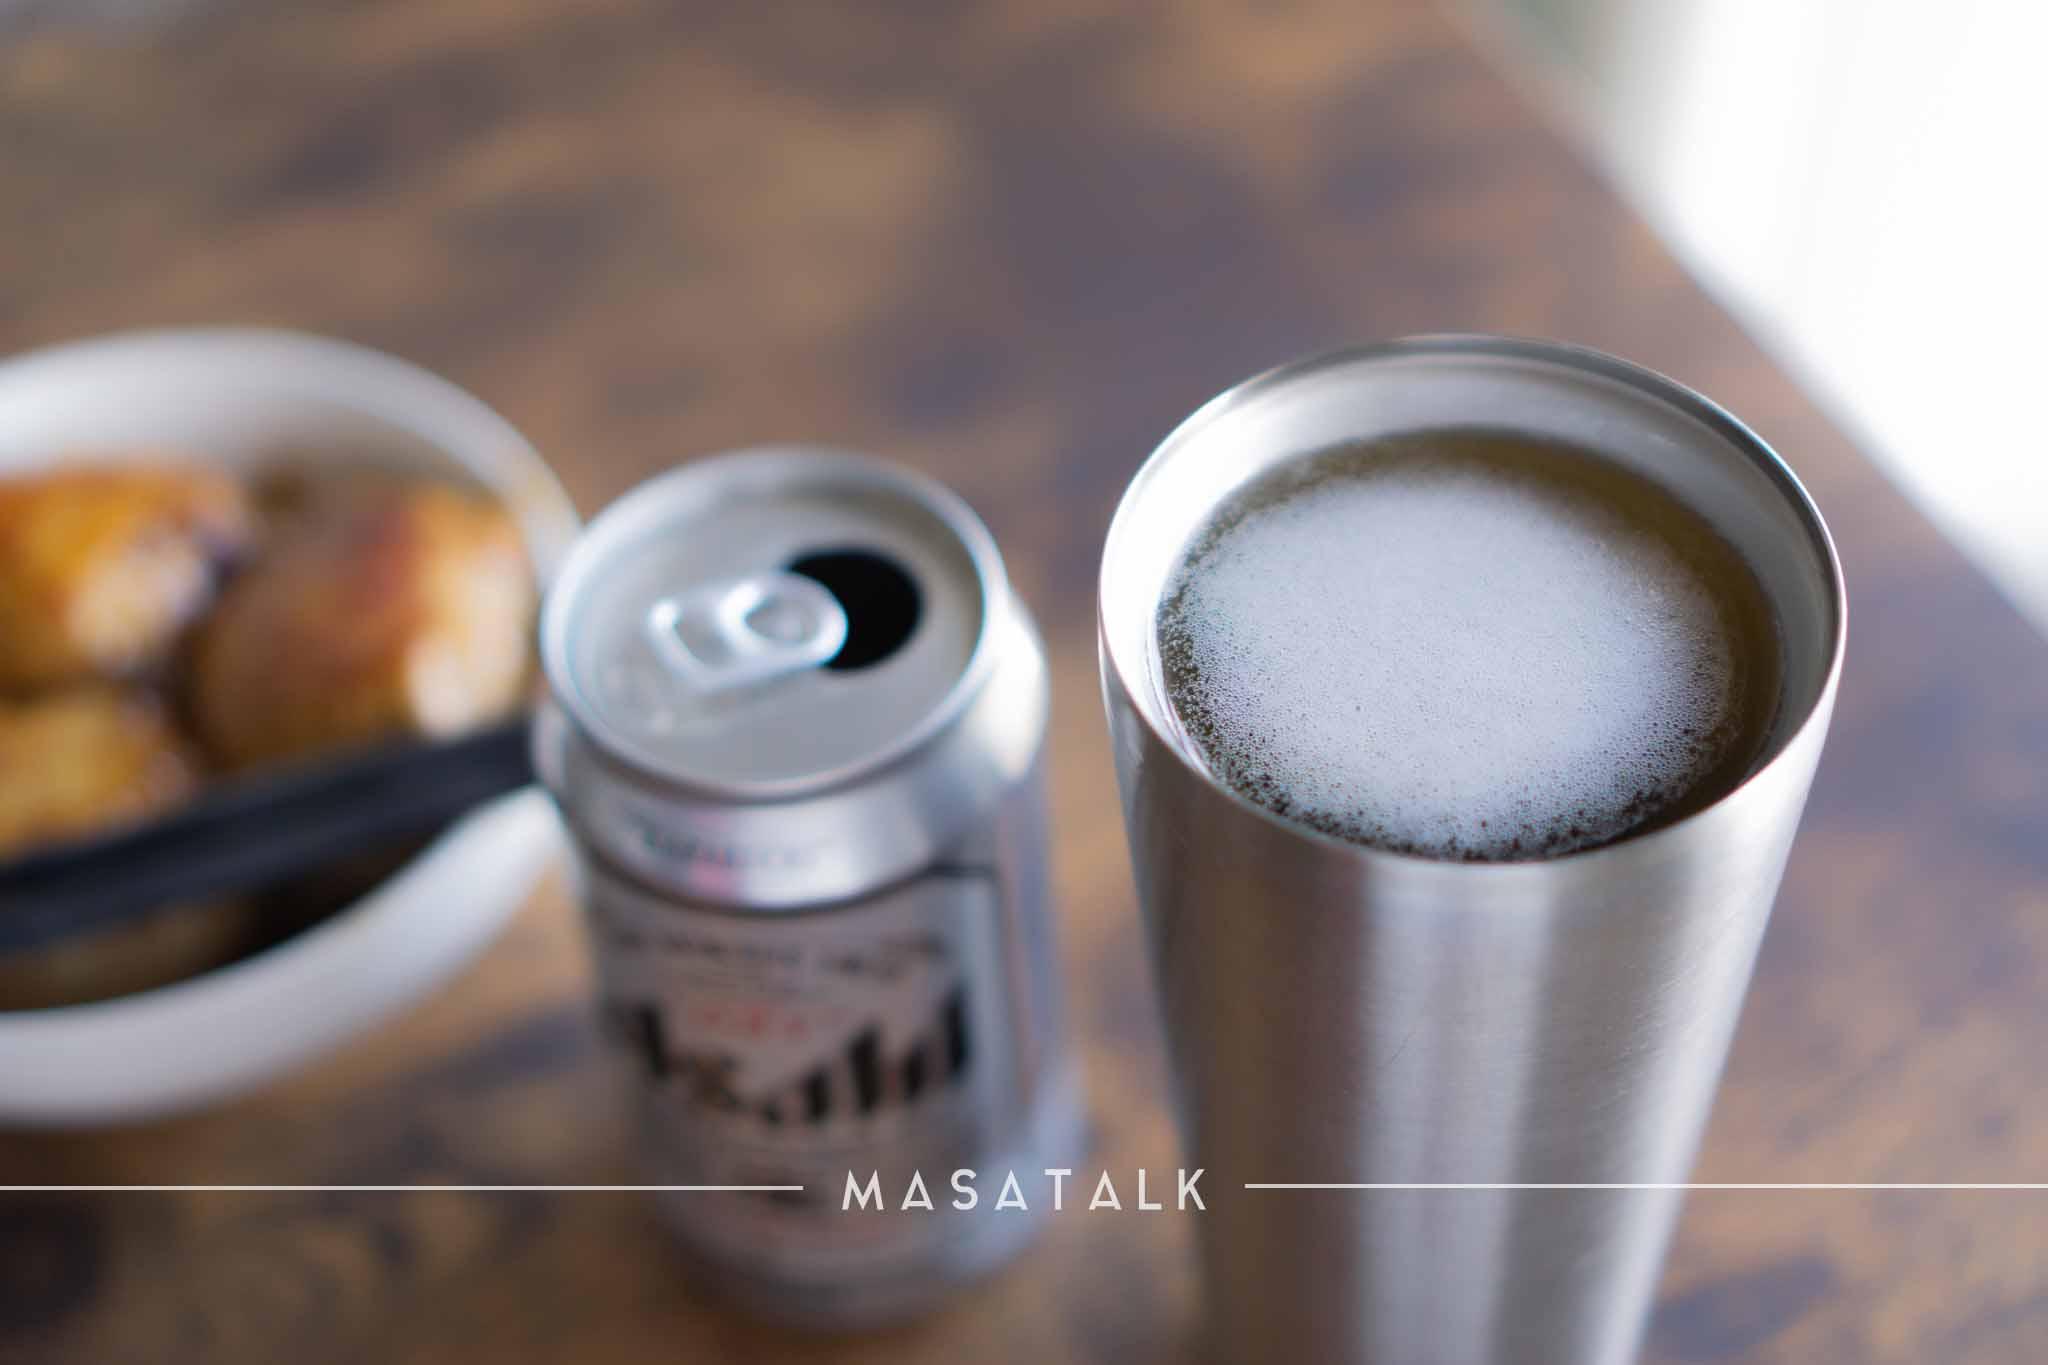 注ぐだけ!ビールをキンキンに冷やす「エクストラコールドタンブラー」